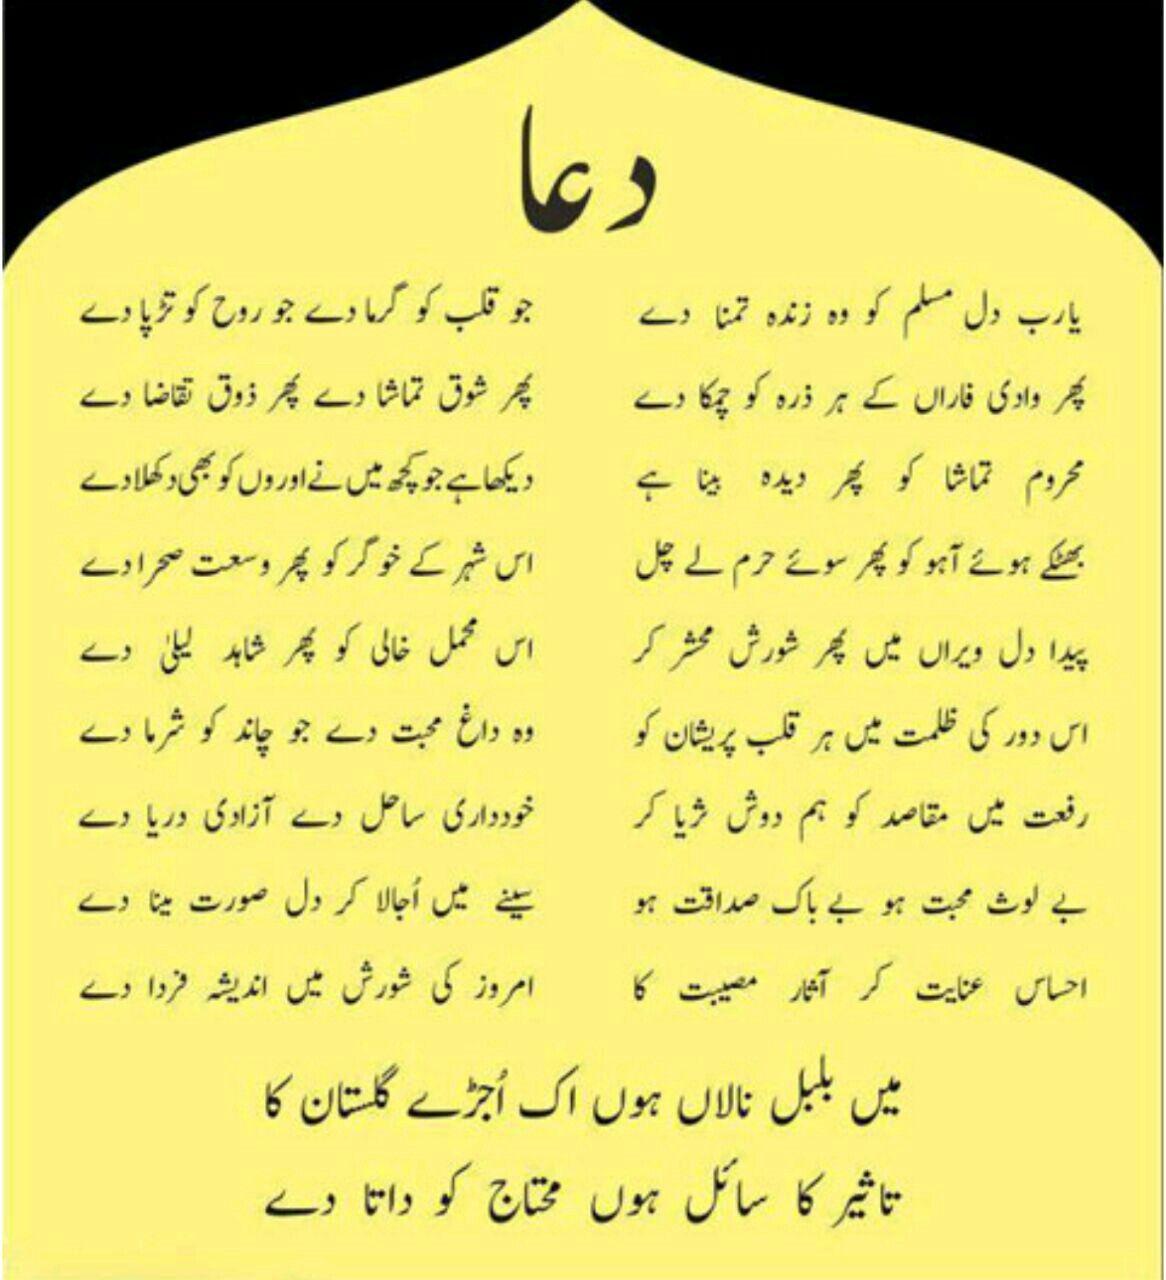 Ya Rab dil e Muslim ko - Allama Iqbal | Poetry and words